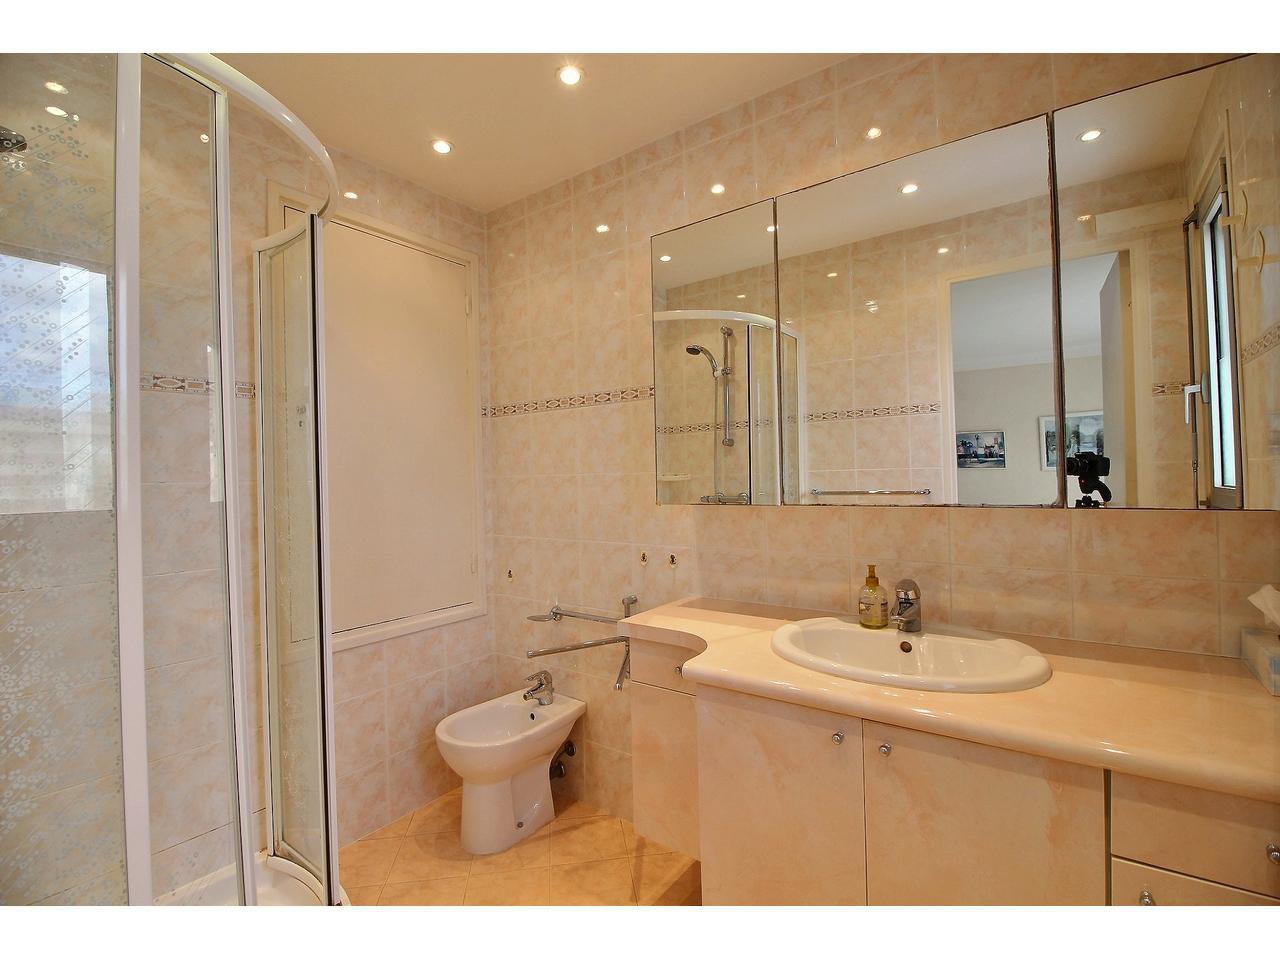 Cannes Palm Beach Port Canto lägenhet till salu översta våningen badrum